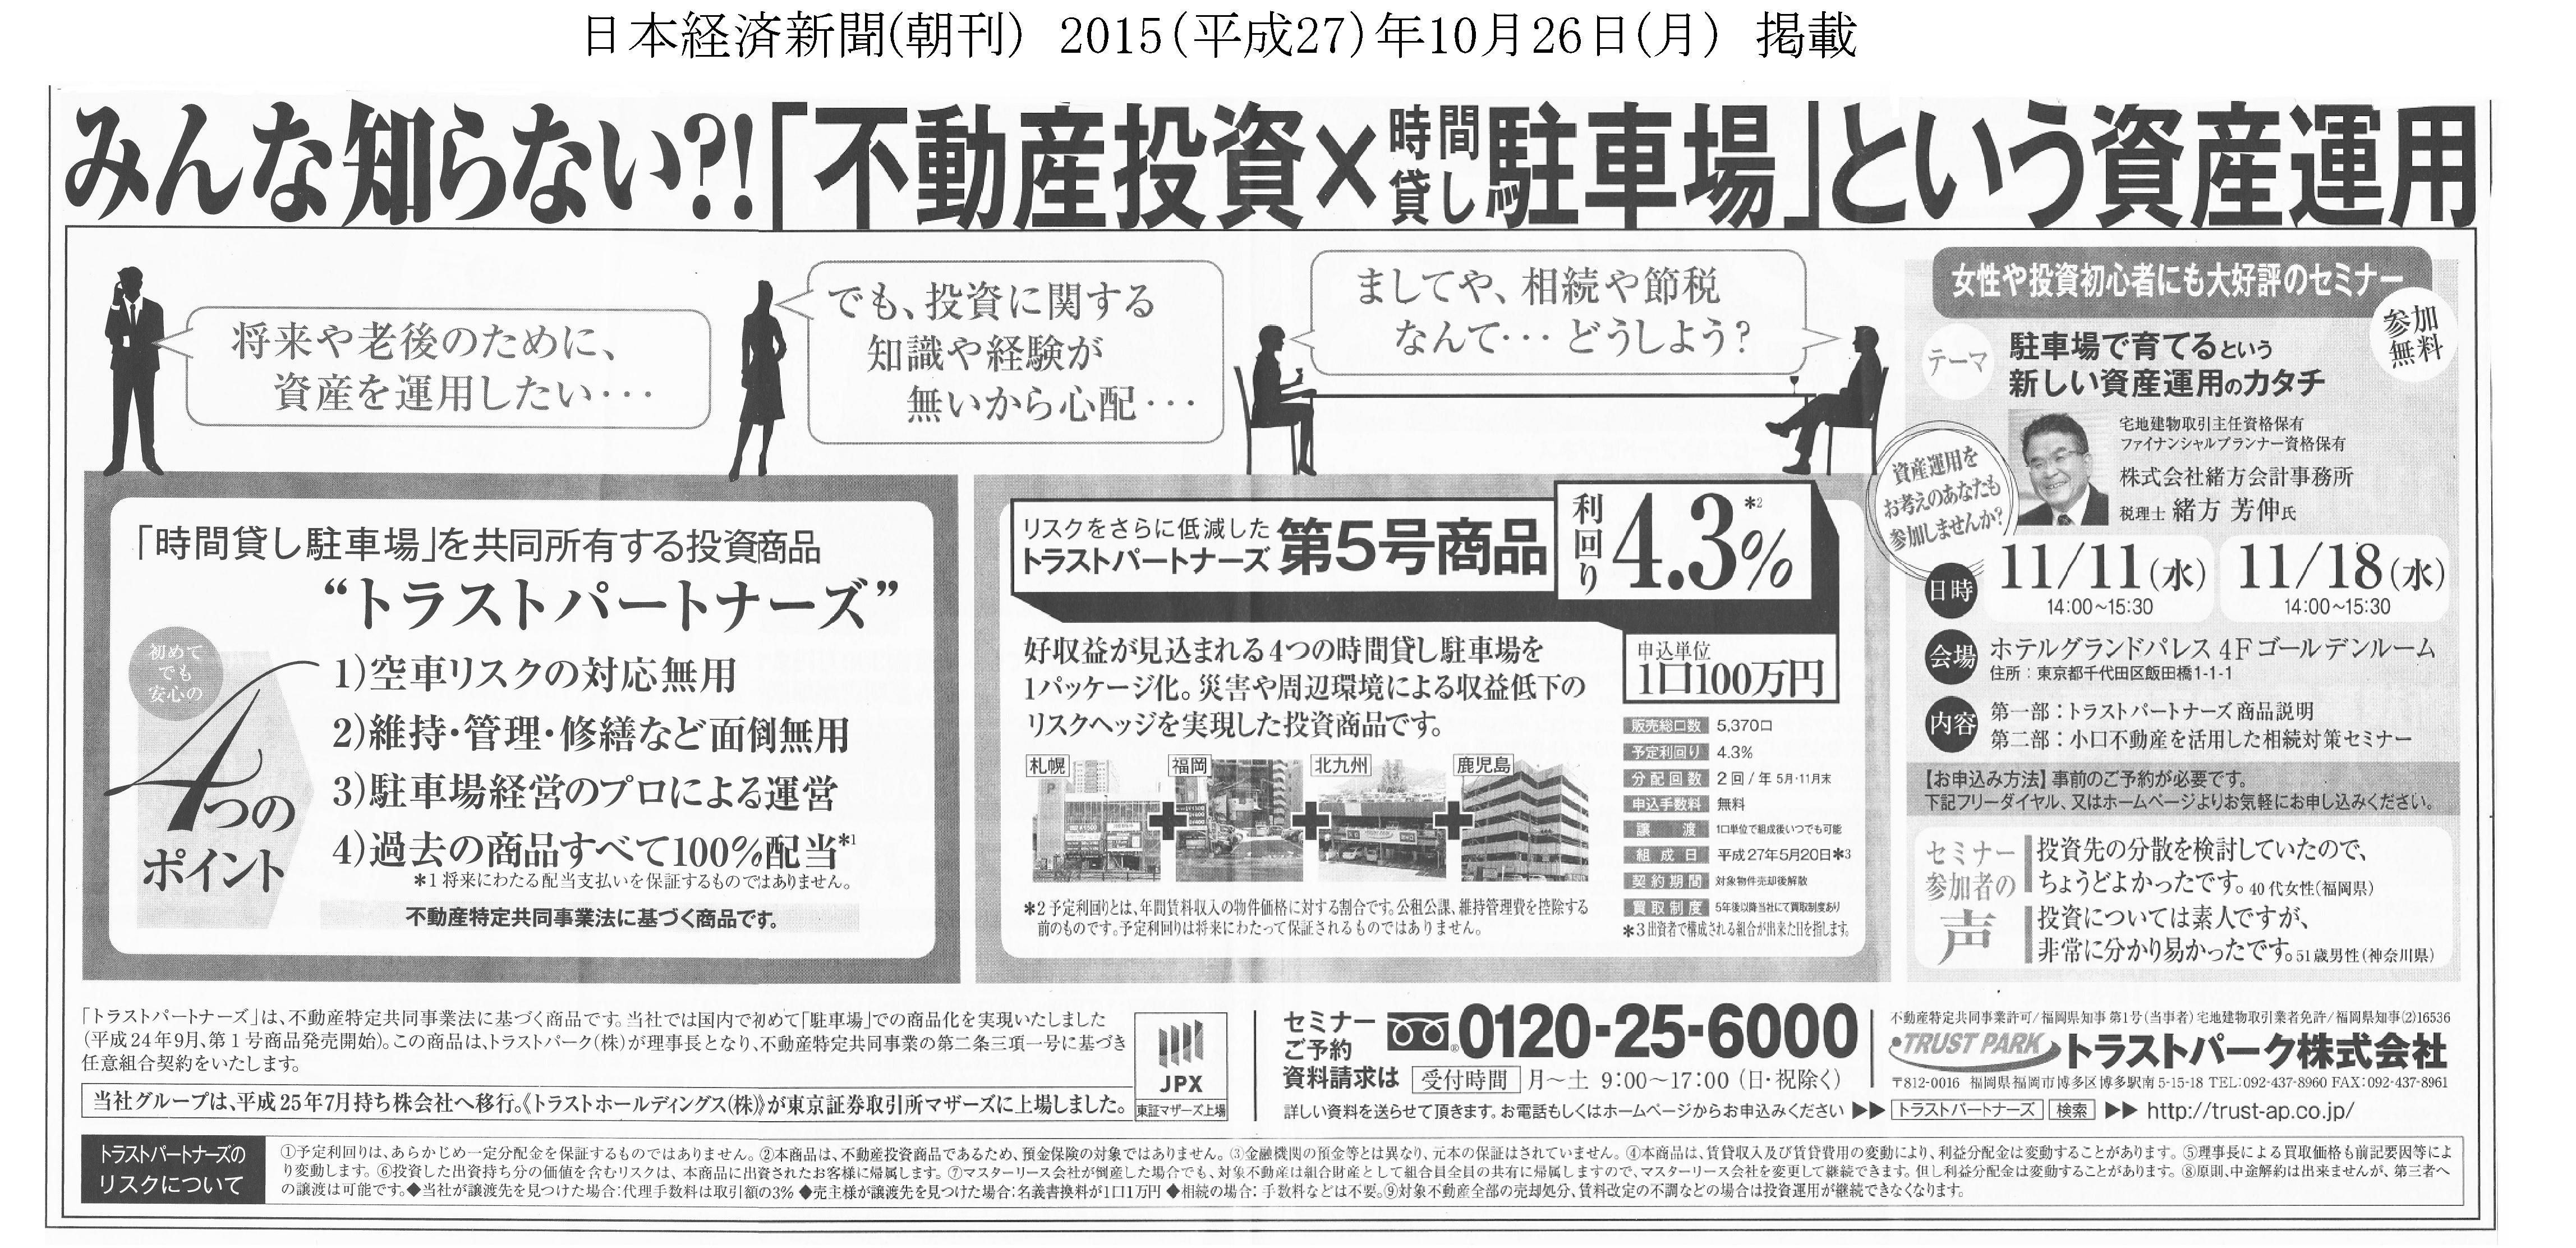 20151026日本経済新聞朝刊_緒方芳伸先生セミナー広告